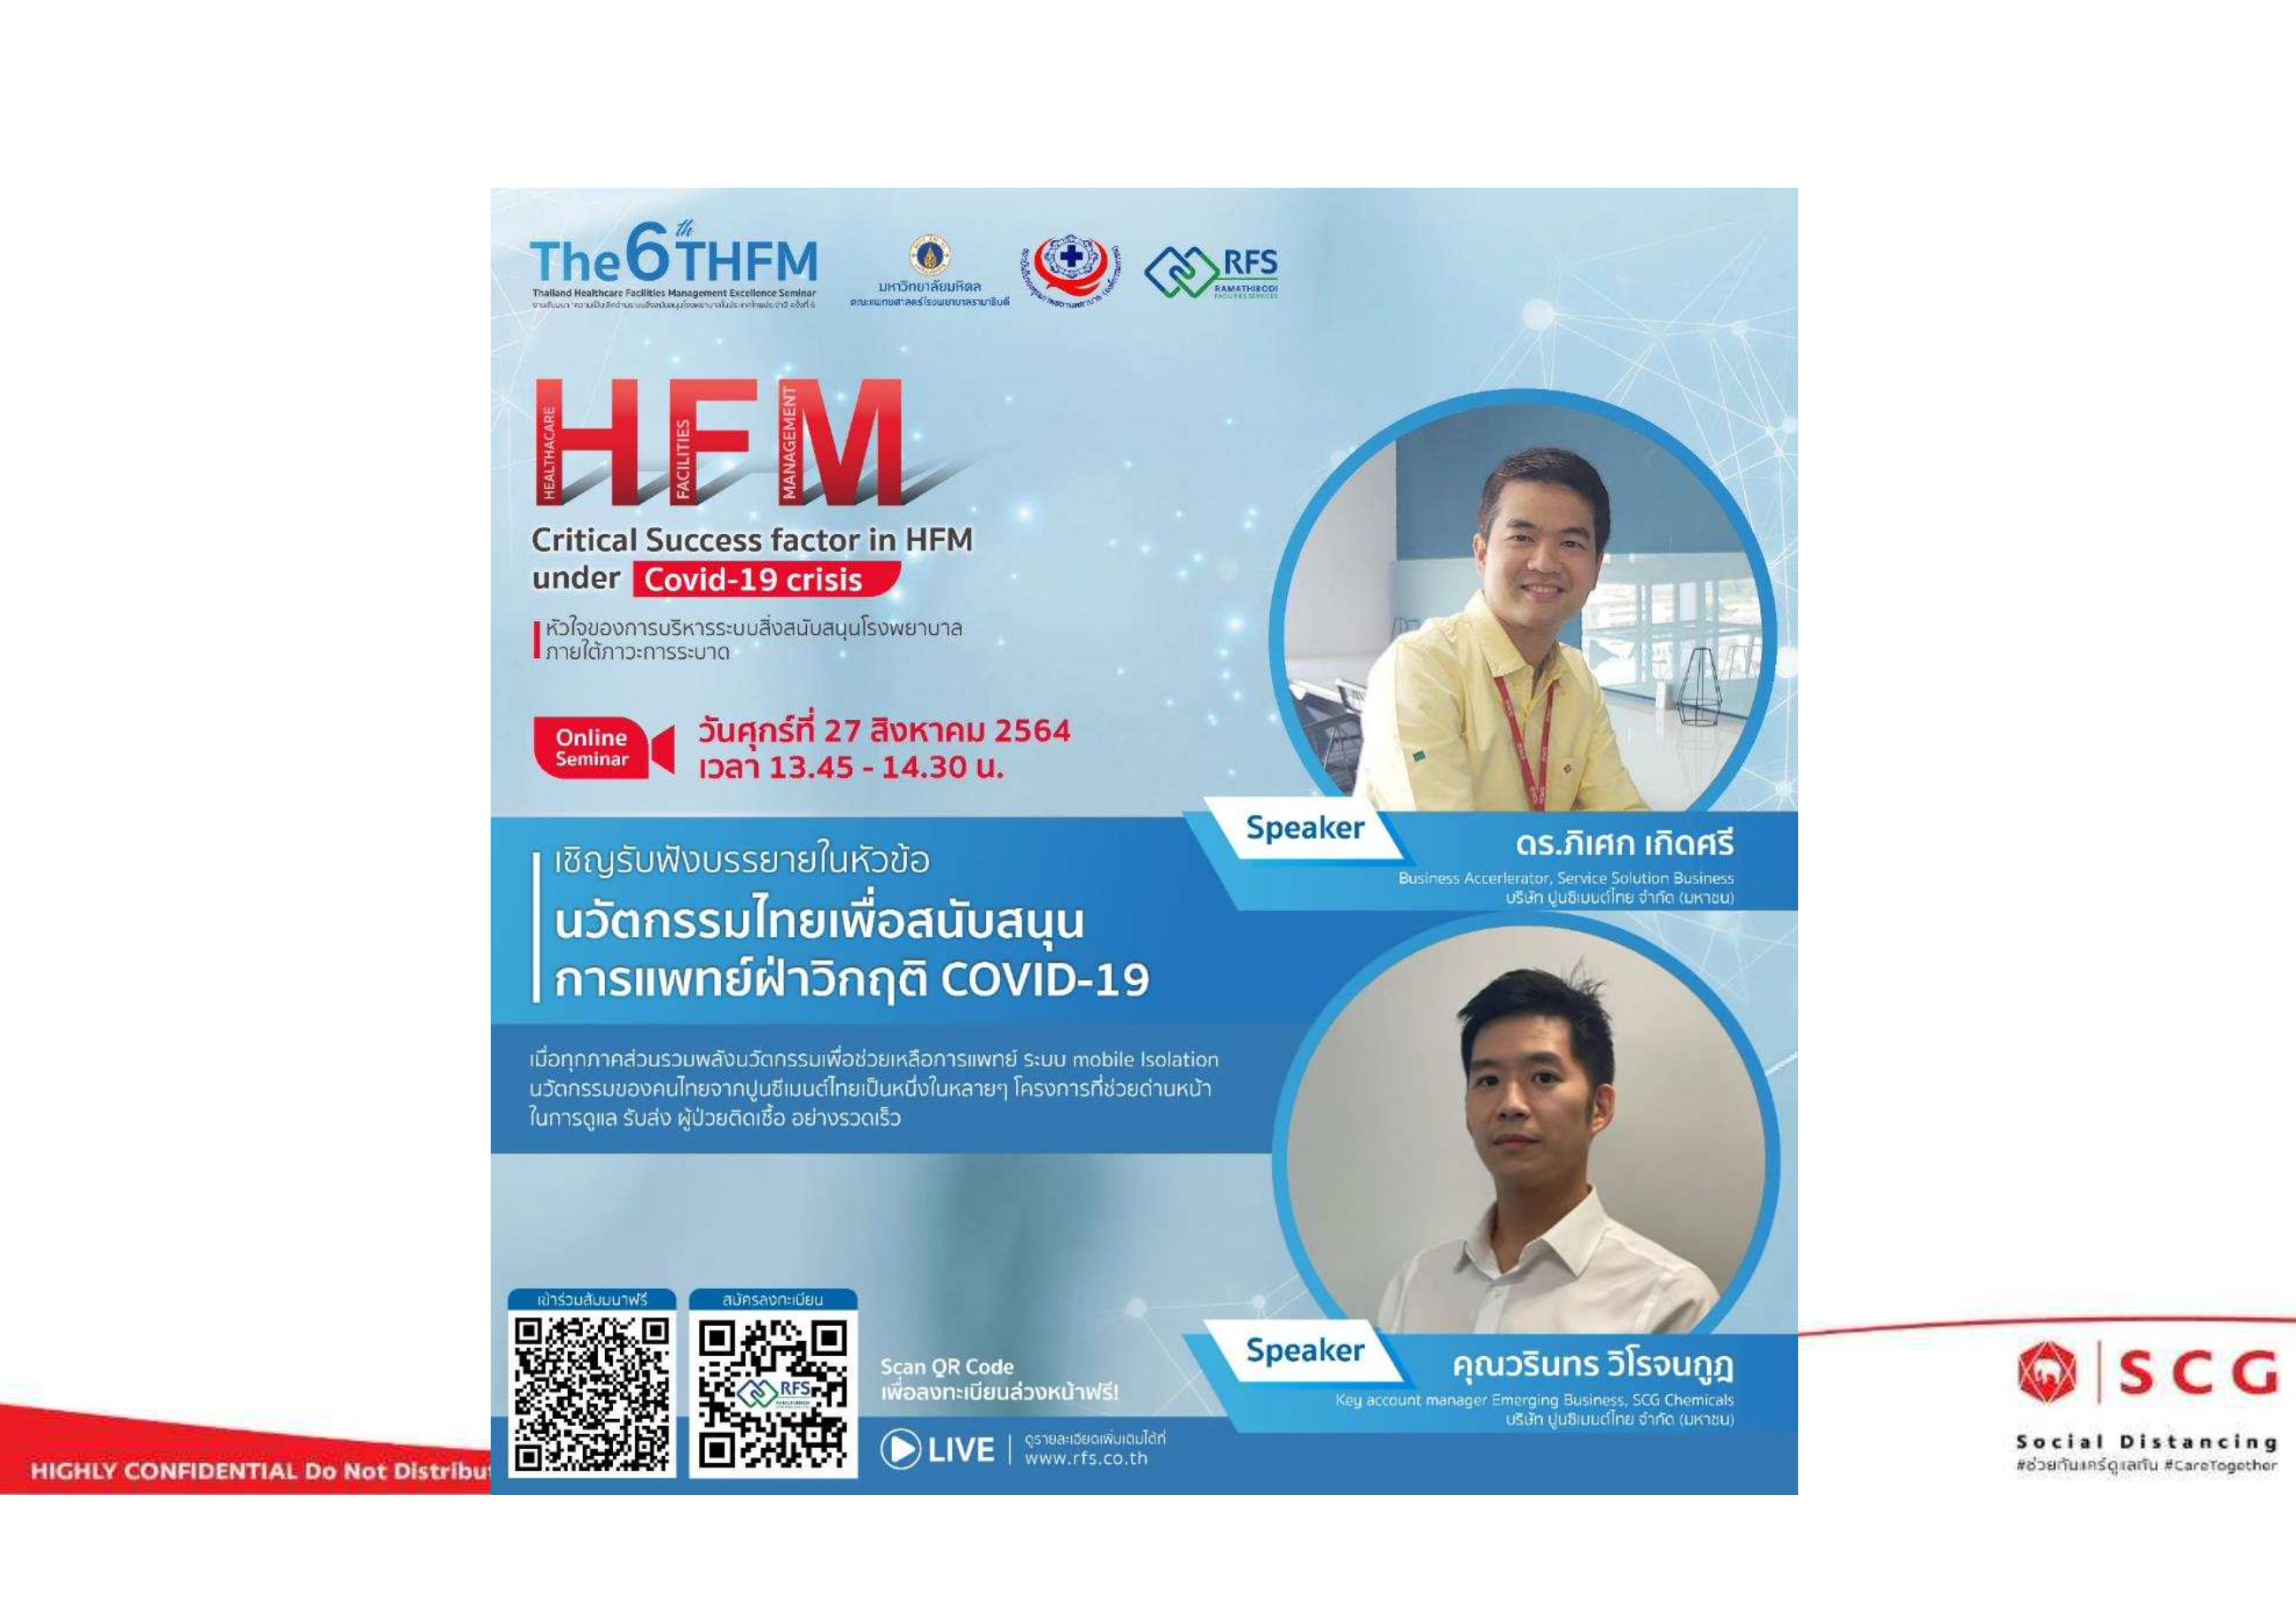 นวัตกรรมไทยเพื่อสนับสนุนการแพทย์ฝ่าวิกฤติ COVID-19 ผ่านระบบ Mobile isolation